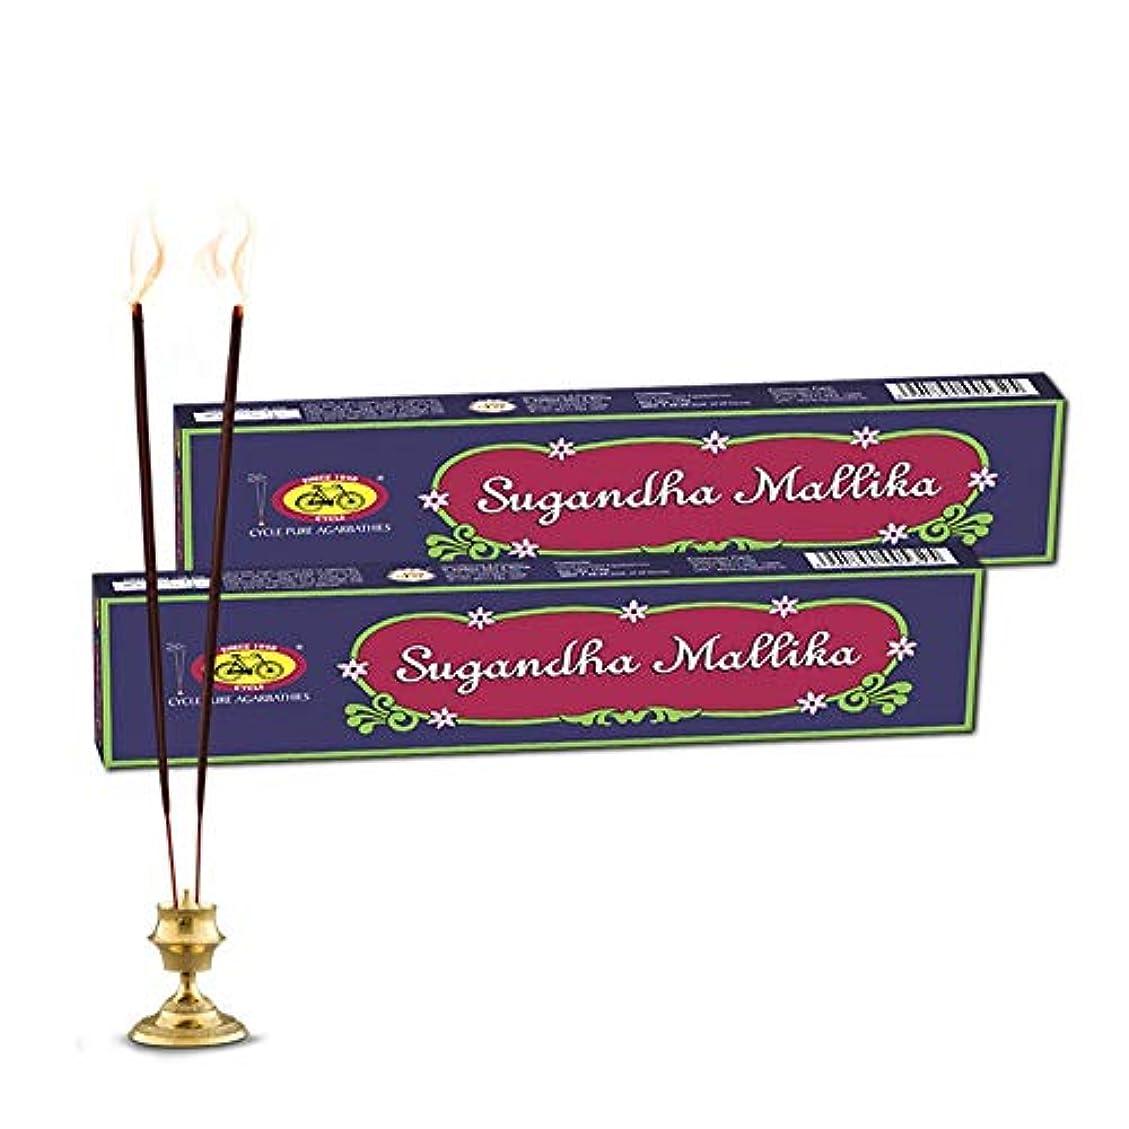 休日卵俳句Cycle Pure Agarbathies Dual Pack Sugandha Mallika Incense Sticks with Mogra Juhi and Chameli Fragrances - Pack...